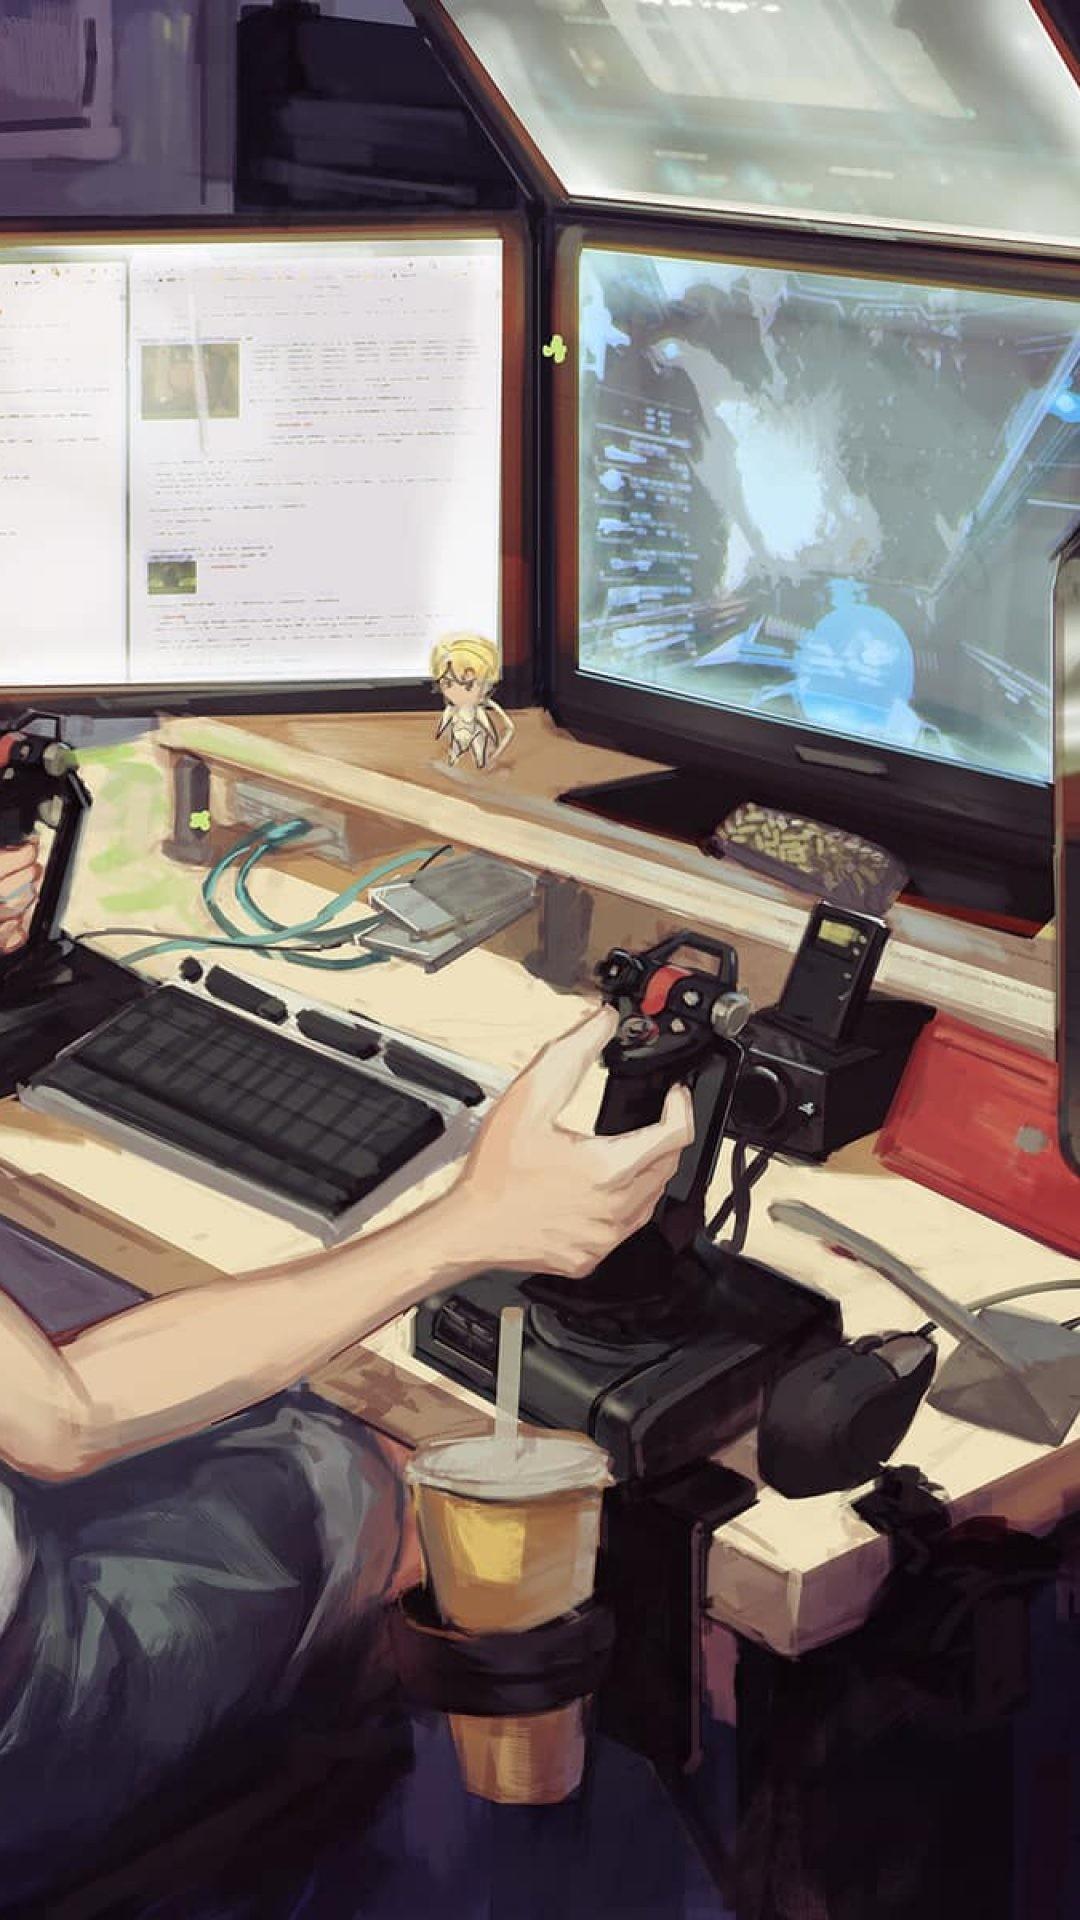 Youtube Channel Art Gaming Anime Gamer Wallpaper ...